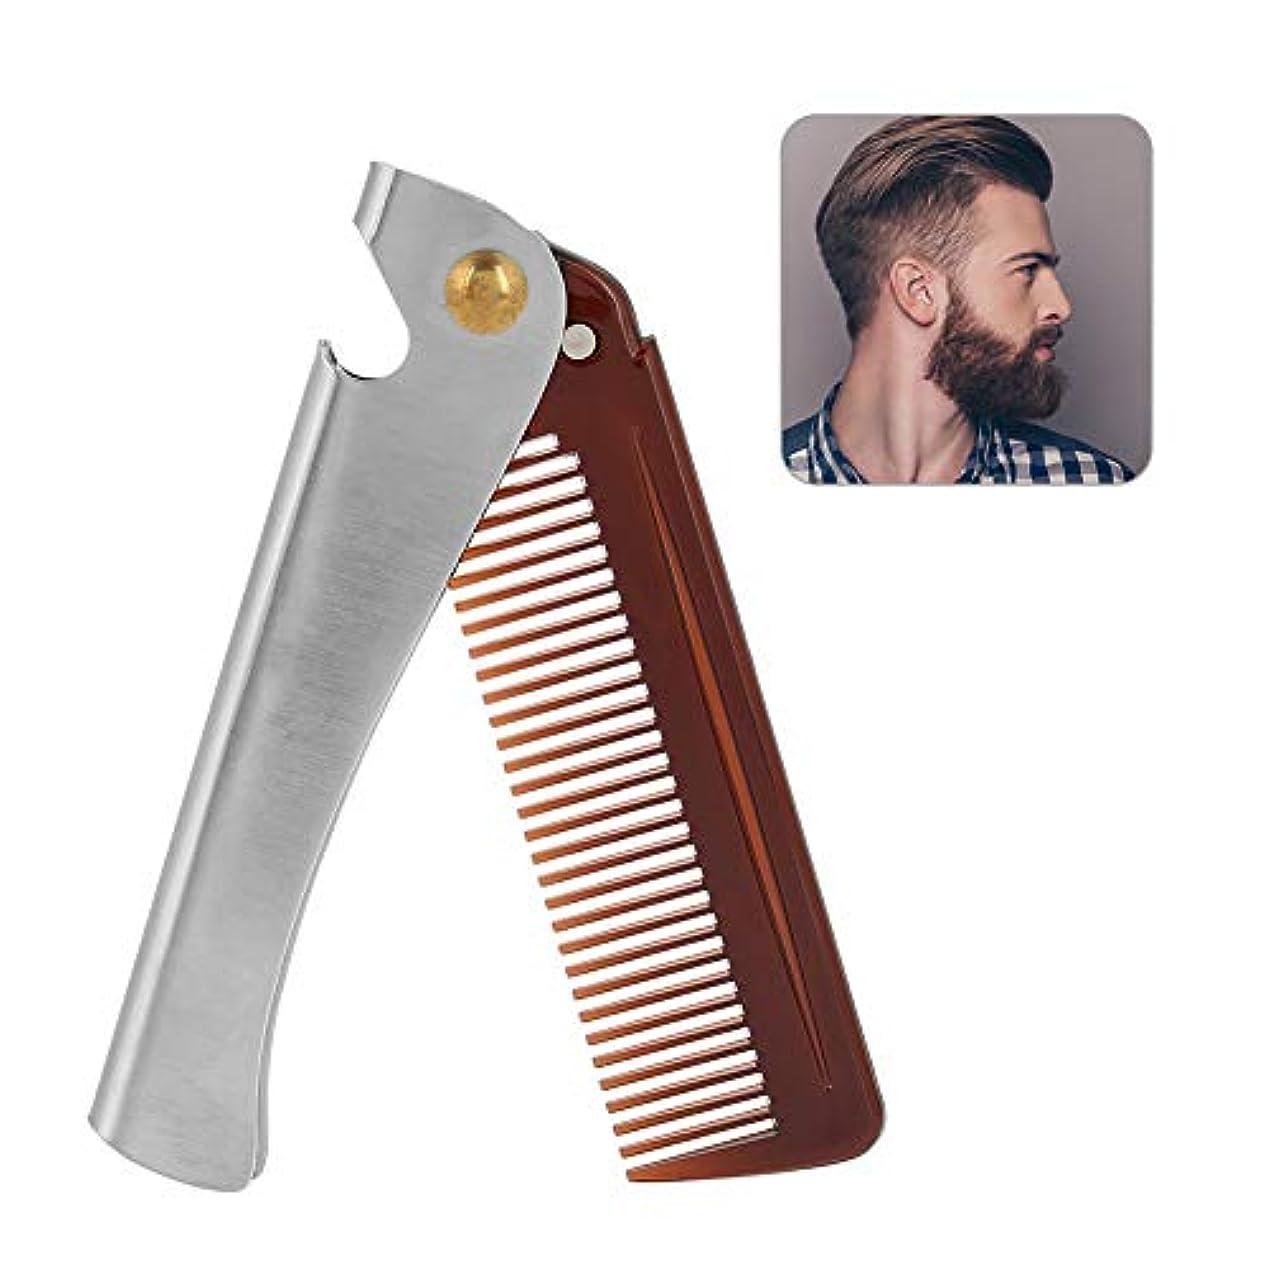 のヒープギャロップ必要とする男性用のひげとヘアケア折りたたみ櫛と春押しボタン